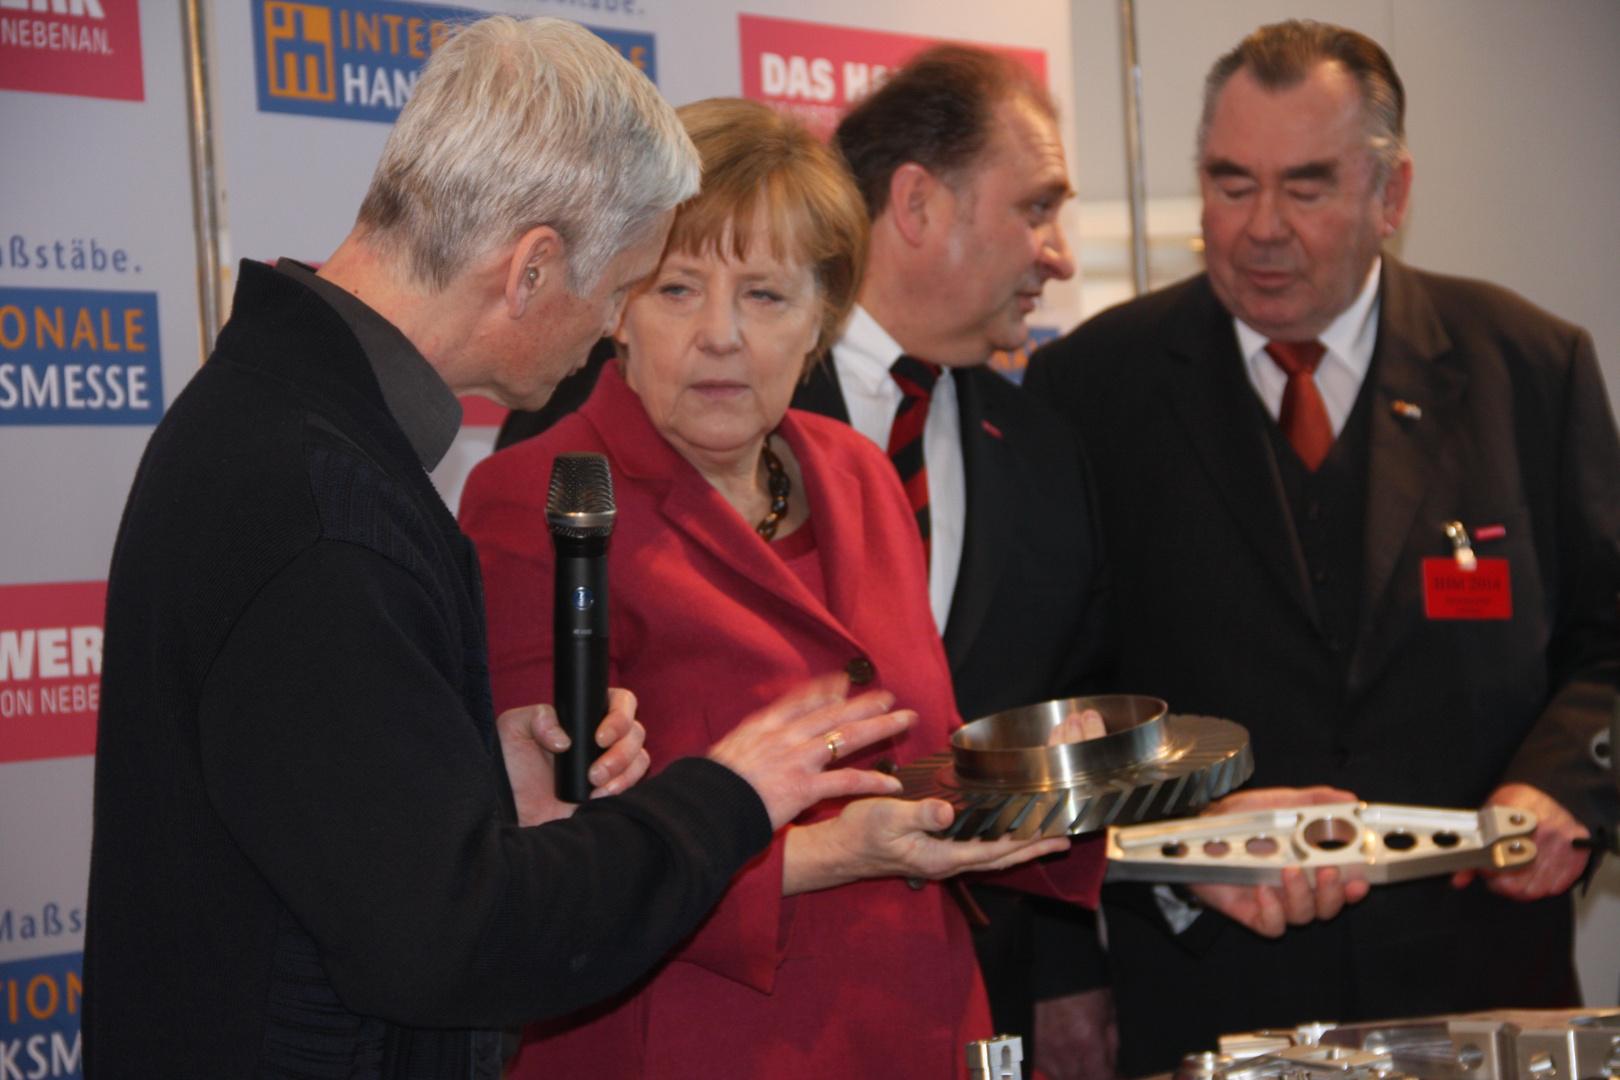 BK Angela Merkel auf der Internationalen Handwerksmesse 14.3.2014 München